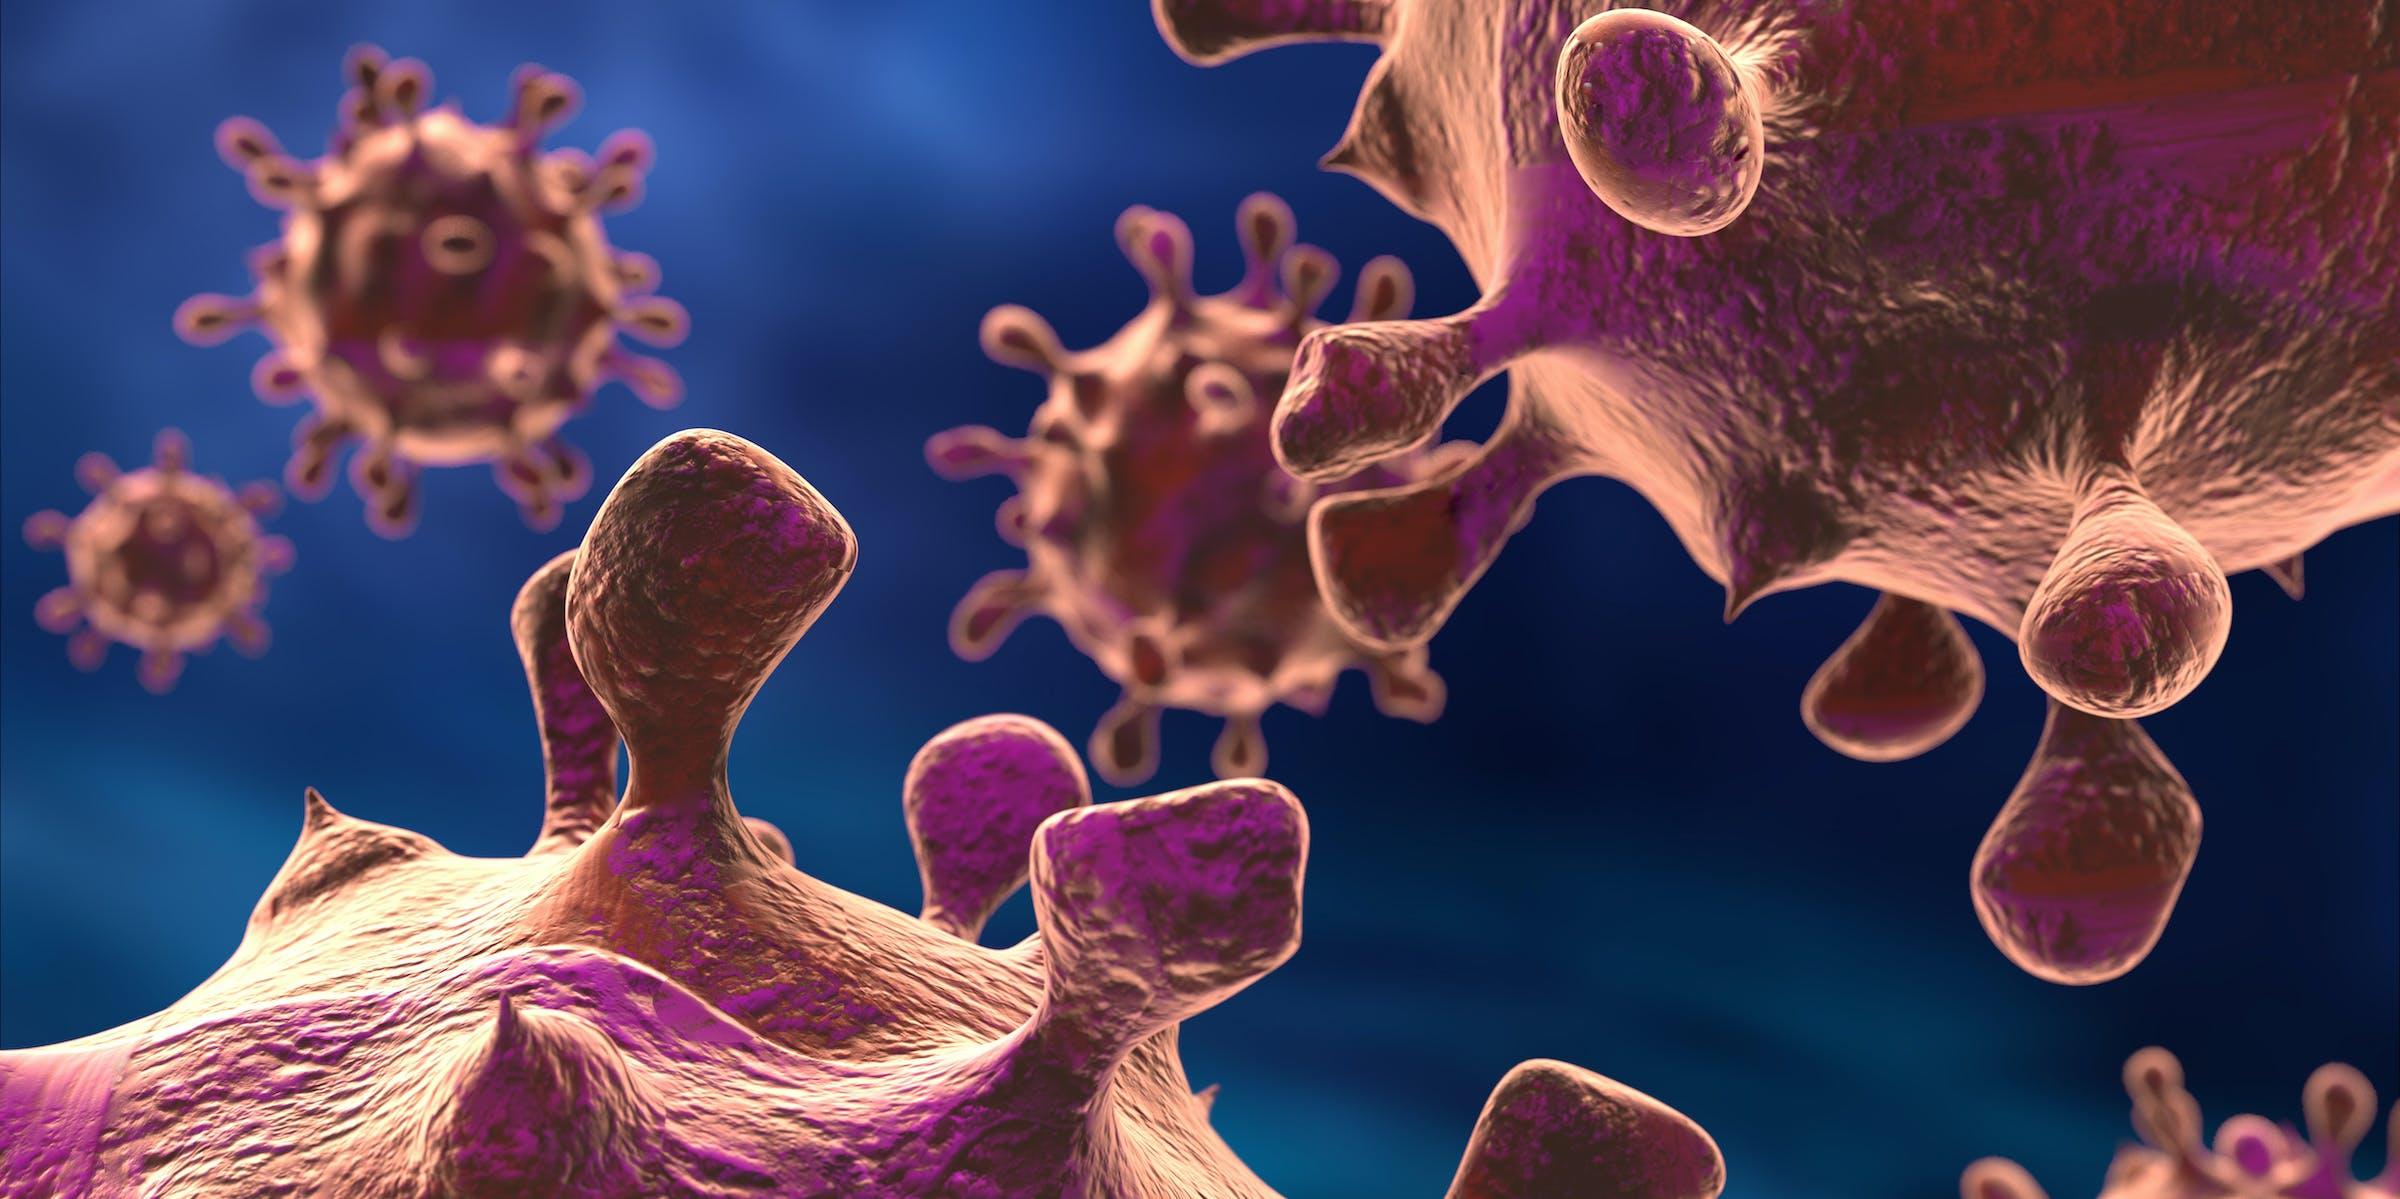 bacteria/viruses